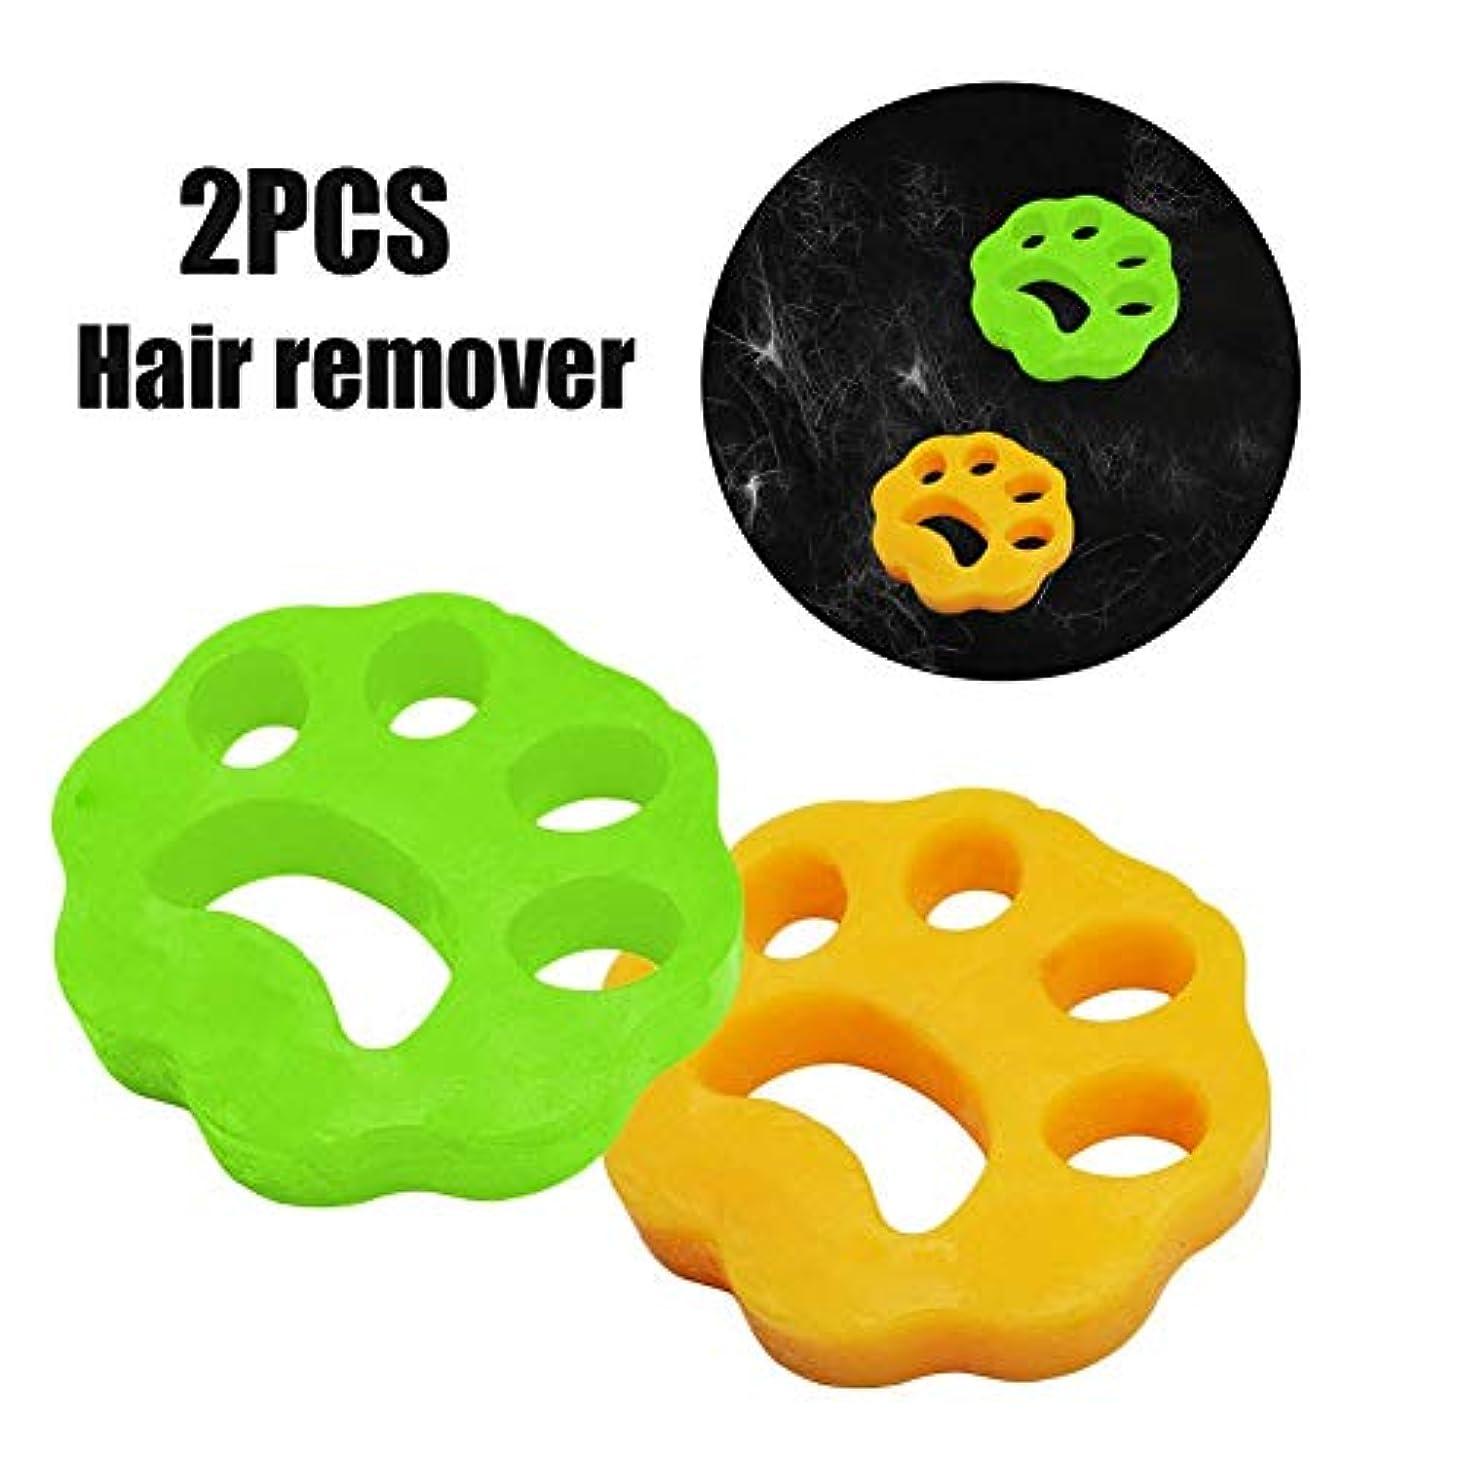 クリーニングボール洗濯機脱毛器ペット毛髪服髪、それは非常に柔らかく、粘着性があり、柔軟な材料で作られています